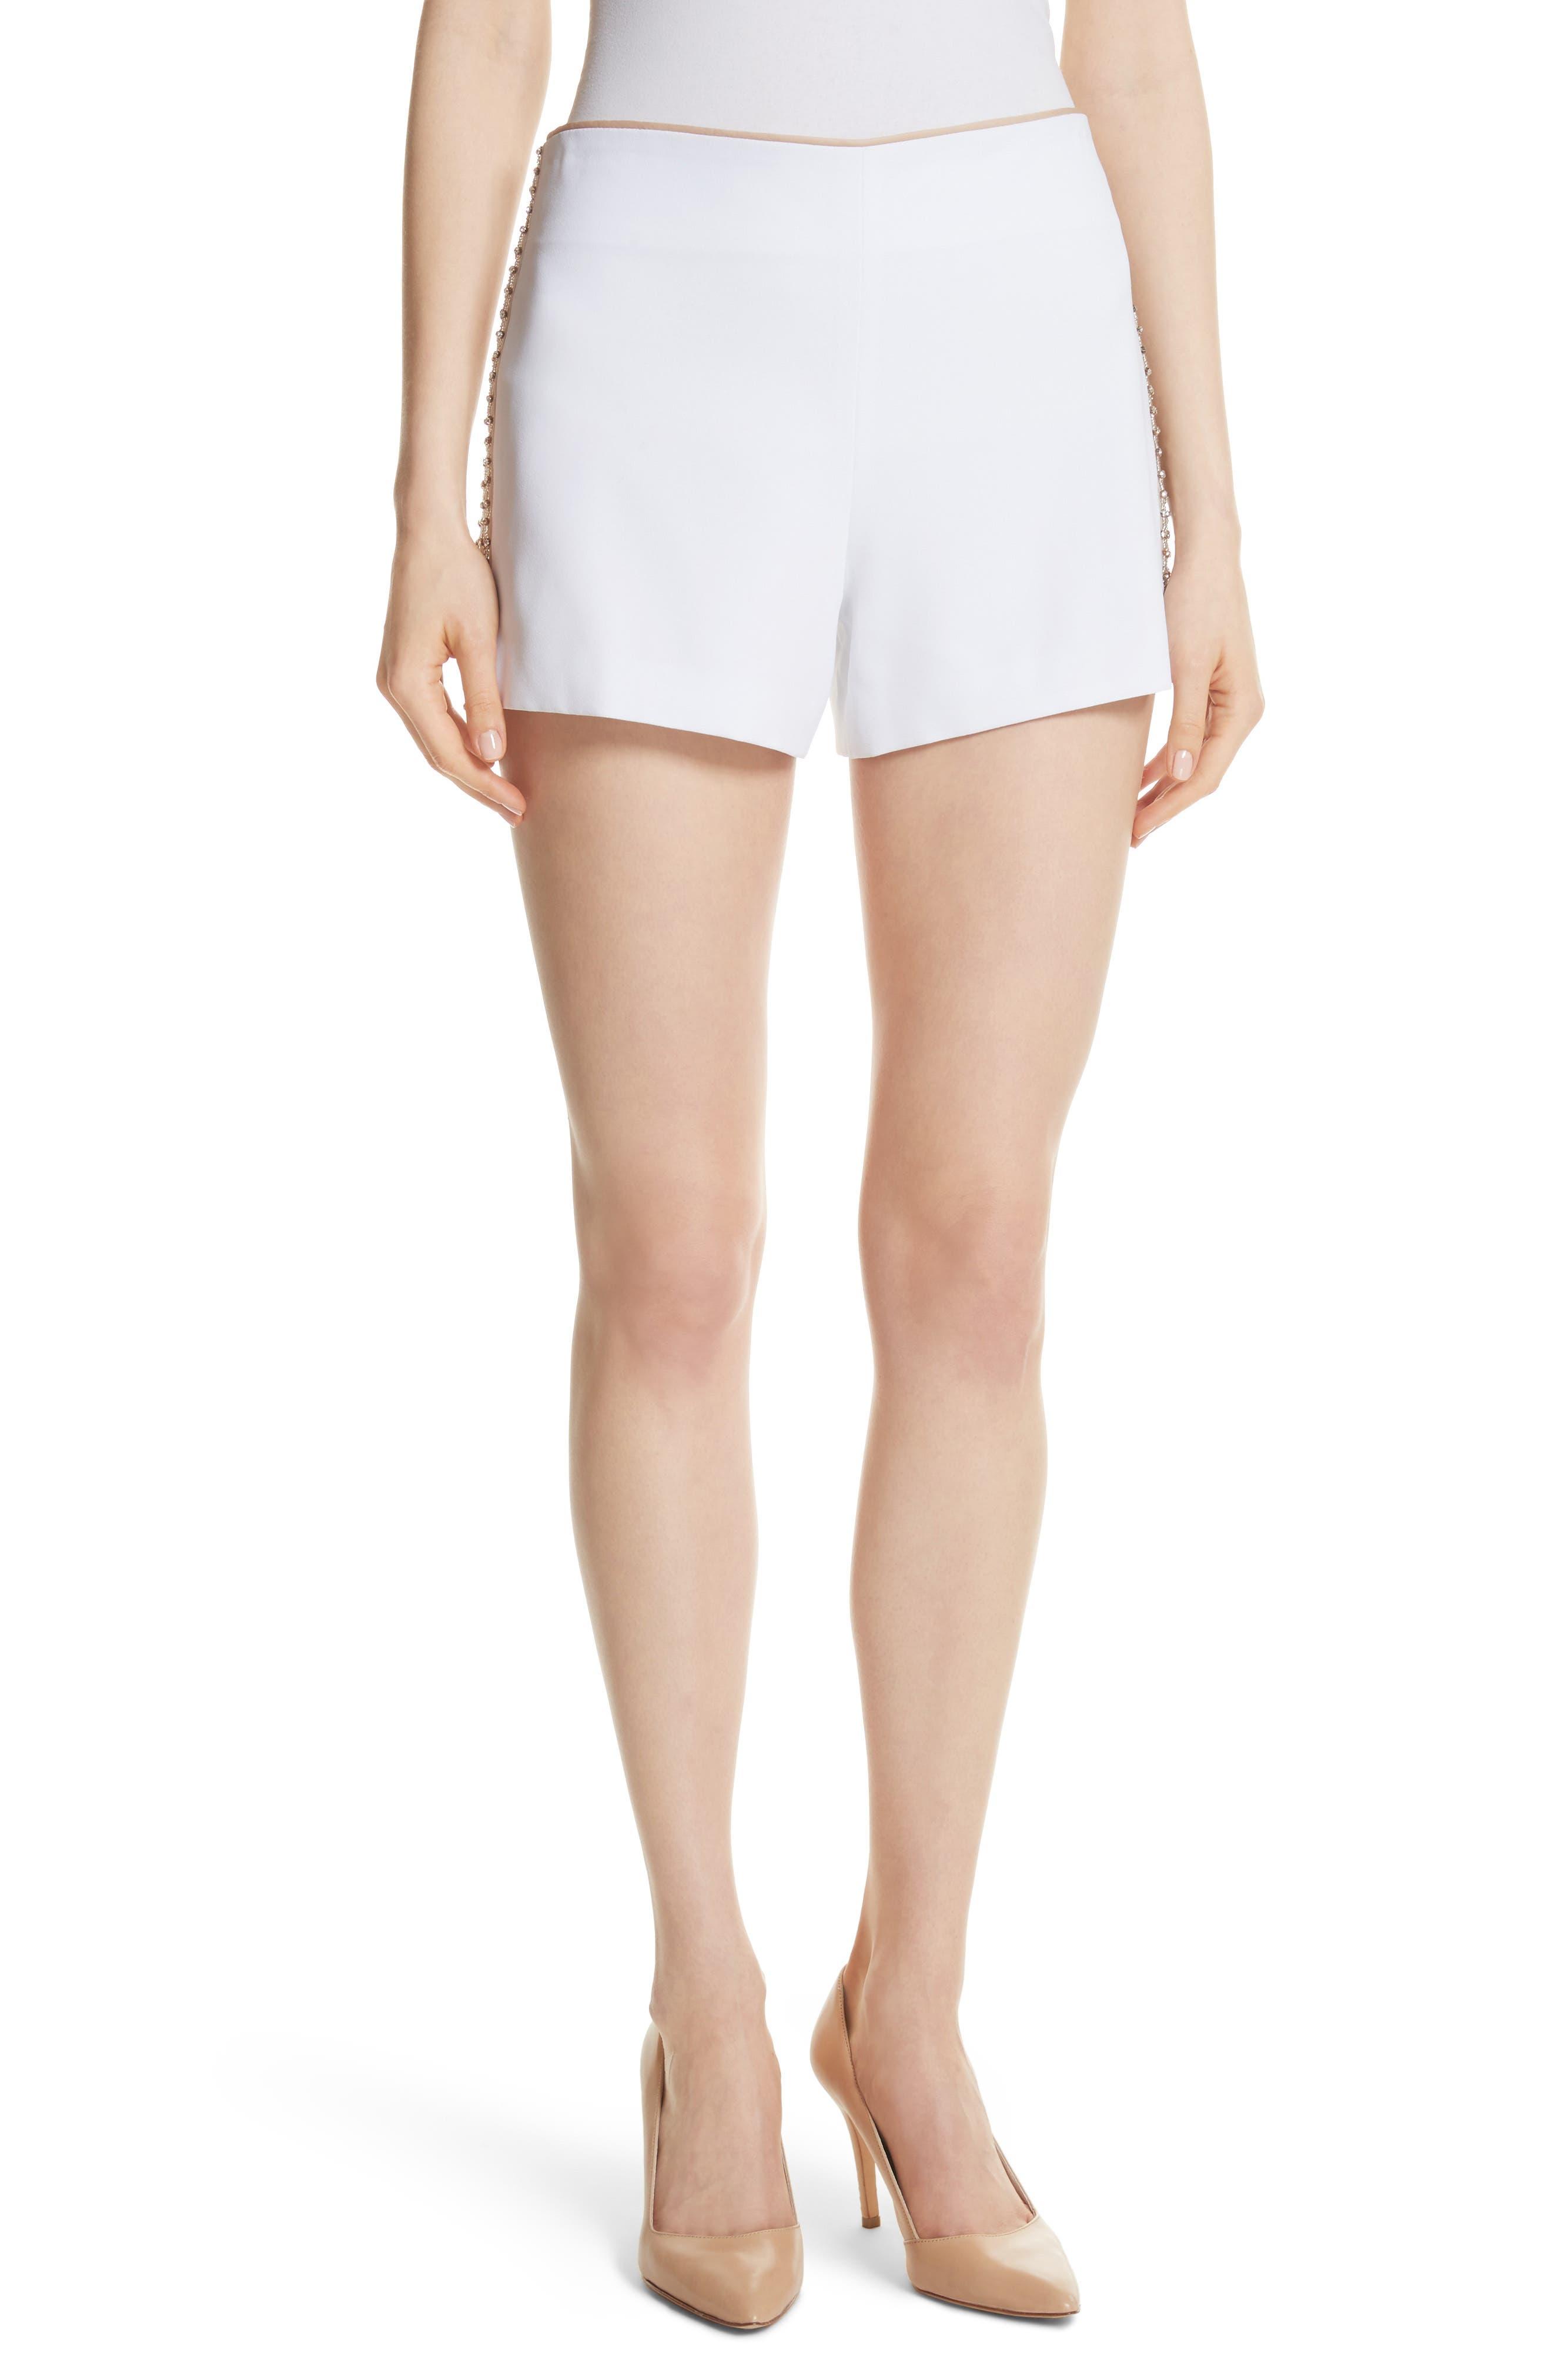 Sherri Embellished Shorts,                         Main,                         color, White